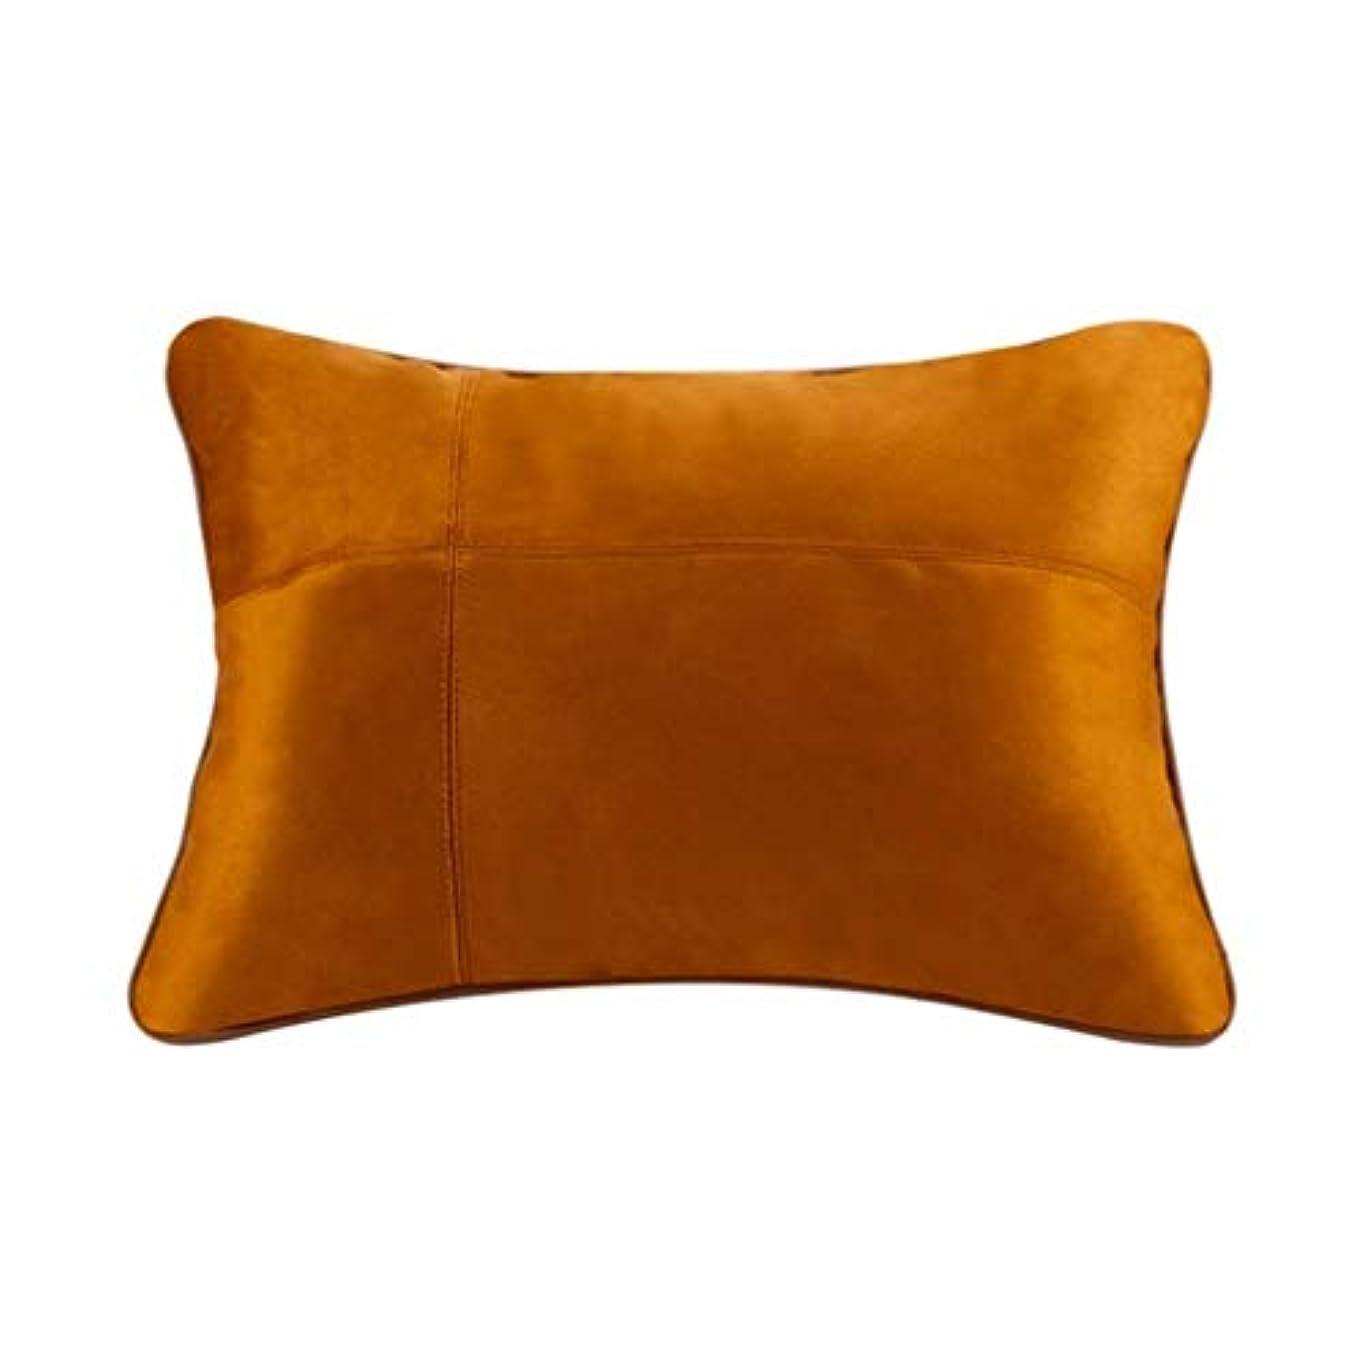 枕、腰部背部支持パッド、妊娠中の腰椎枕、腰用シートクッション、姿勢ブレース、腰痛を和らげる、低反発腰椎背もたれ枕、オフィスカーチェア、車の室内装飾 (Color : Brown)